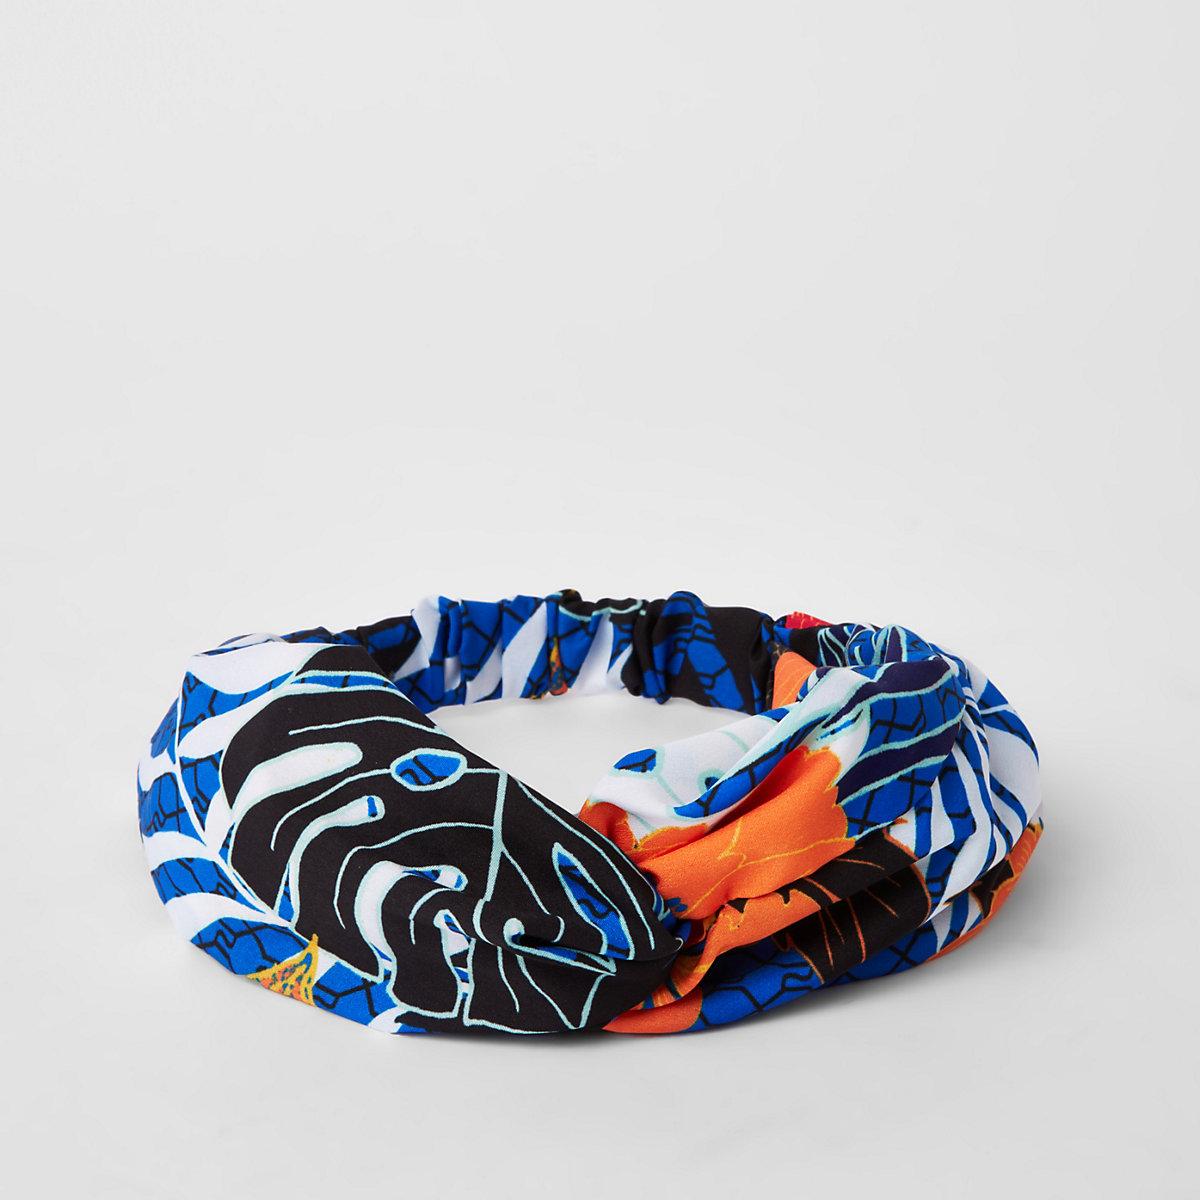 Blue RI printed twist headband